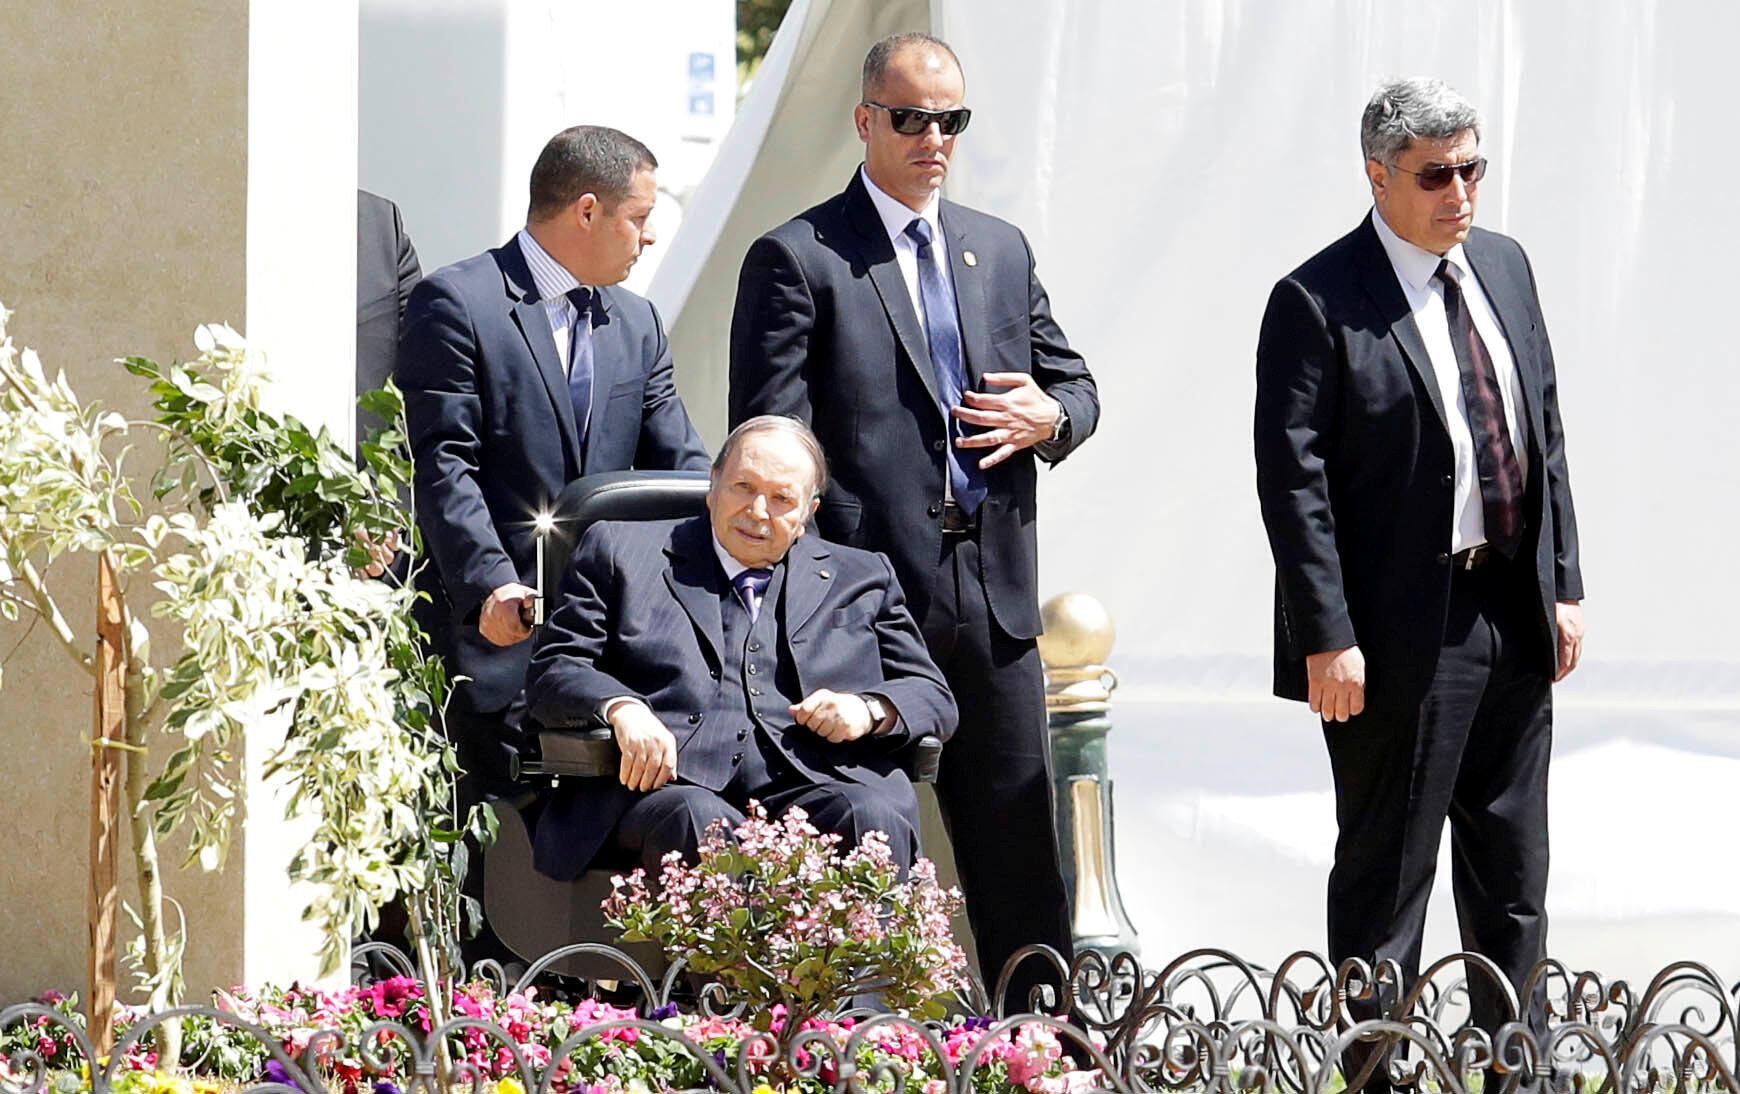 Presdiente Abdelaziz Bouteflika na inauguração em Argel da mesquita Ketchaoua, um dos seus últimos actos públicos a 9 de Abril de 2018.